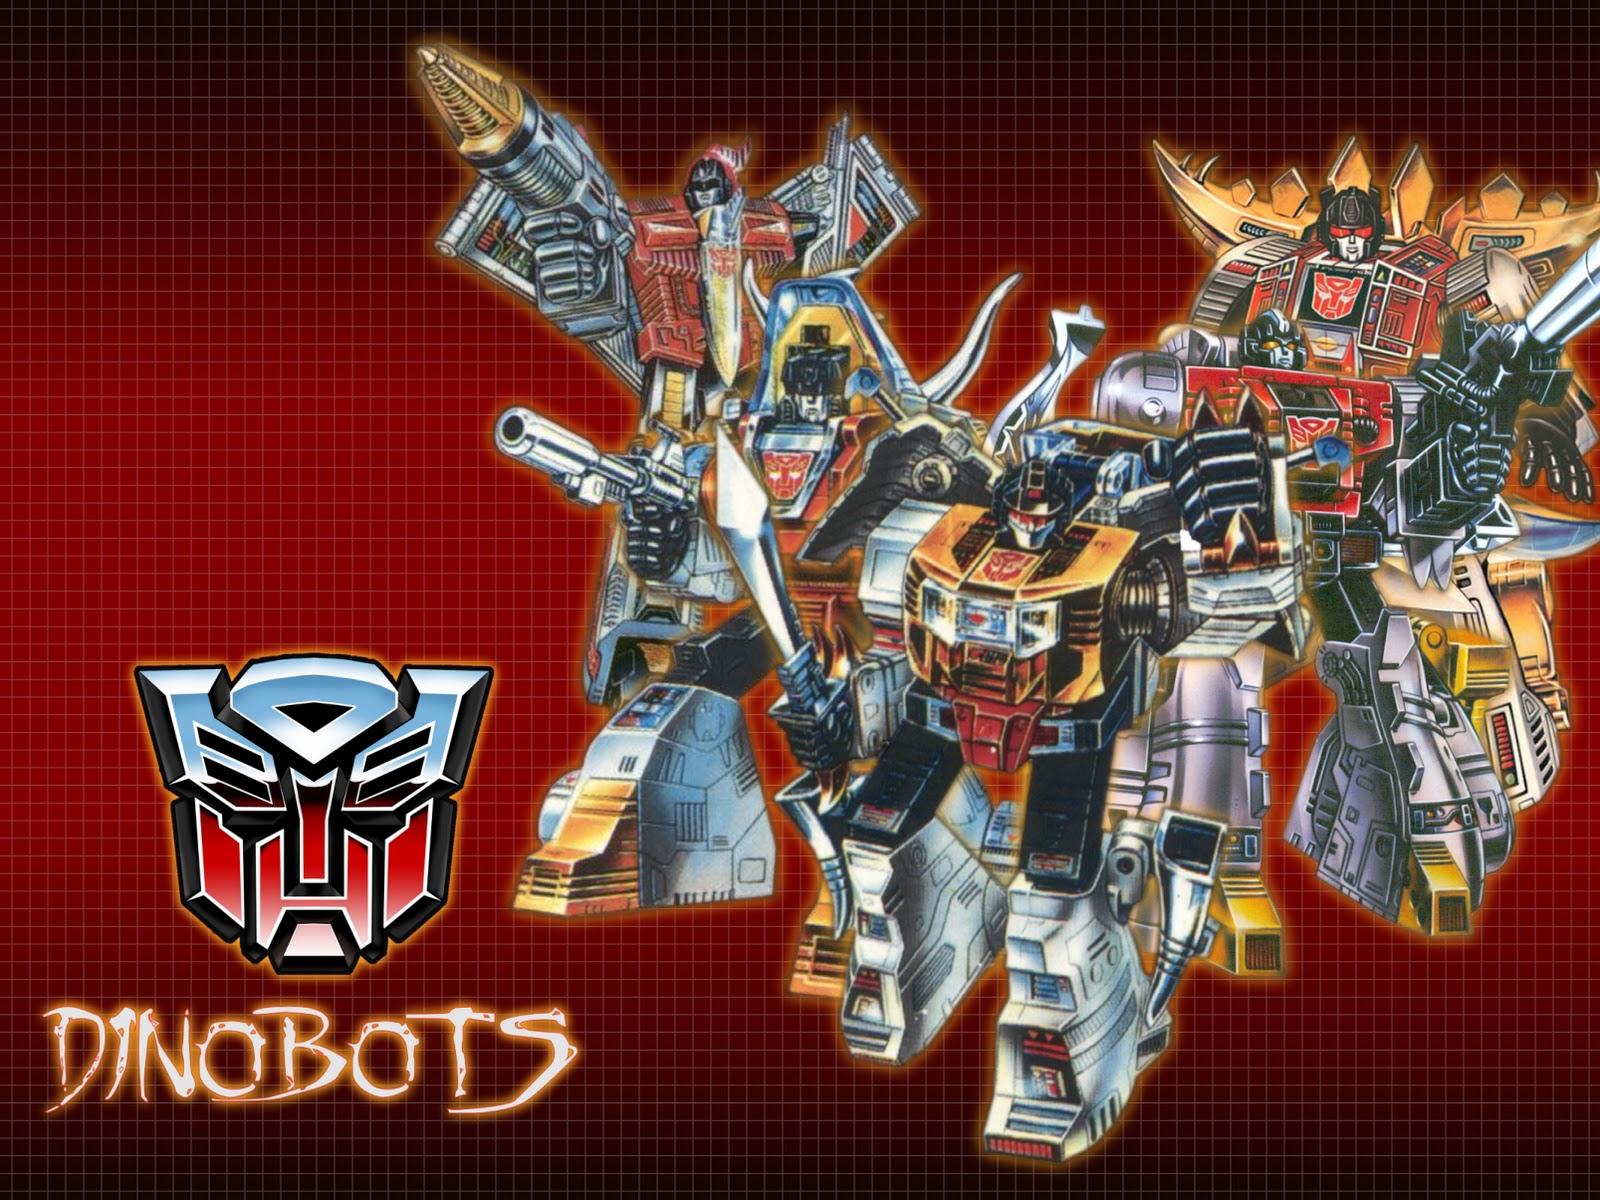 http://3.bp.blogspot.com/-7t2i6mywF2c/TsF7f-PTSWI/AAAAAAAABgI/limuZZzn7-g/s1600/dinobots-wallpaper.jpg